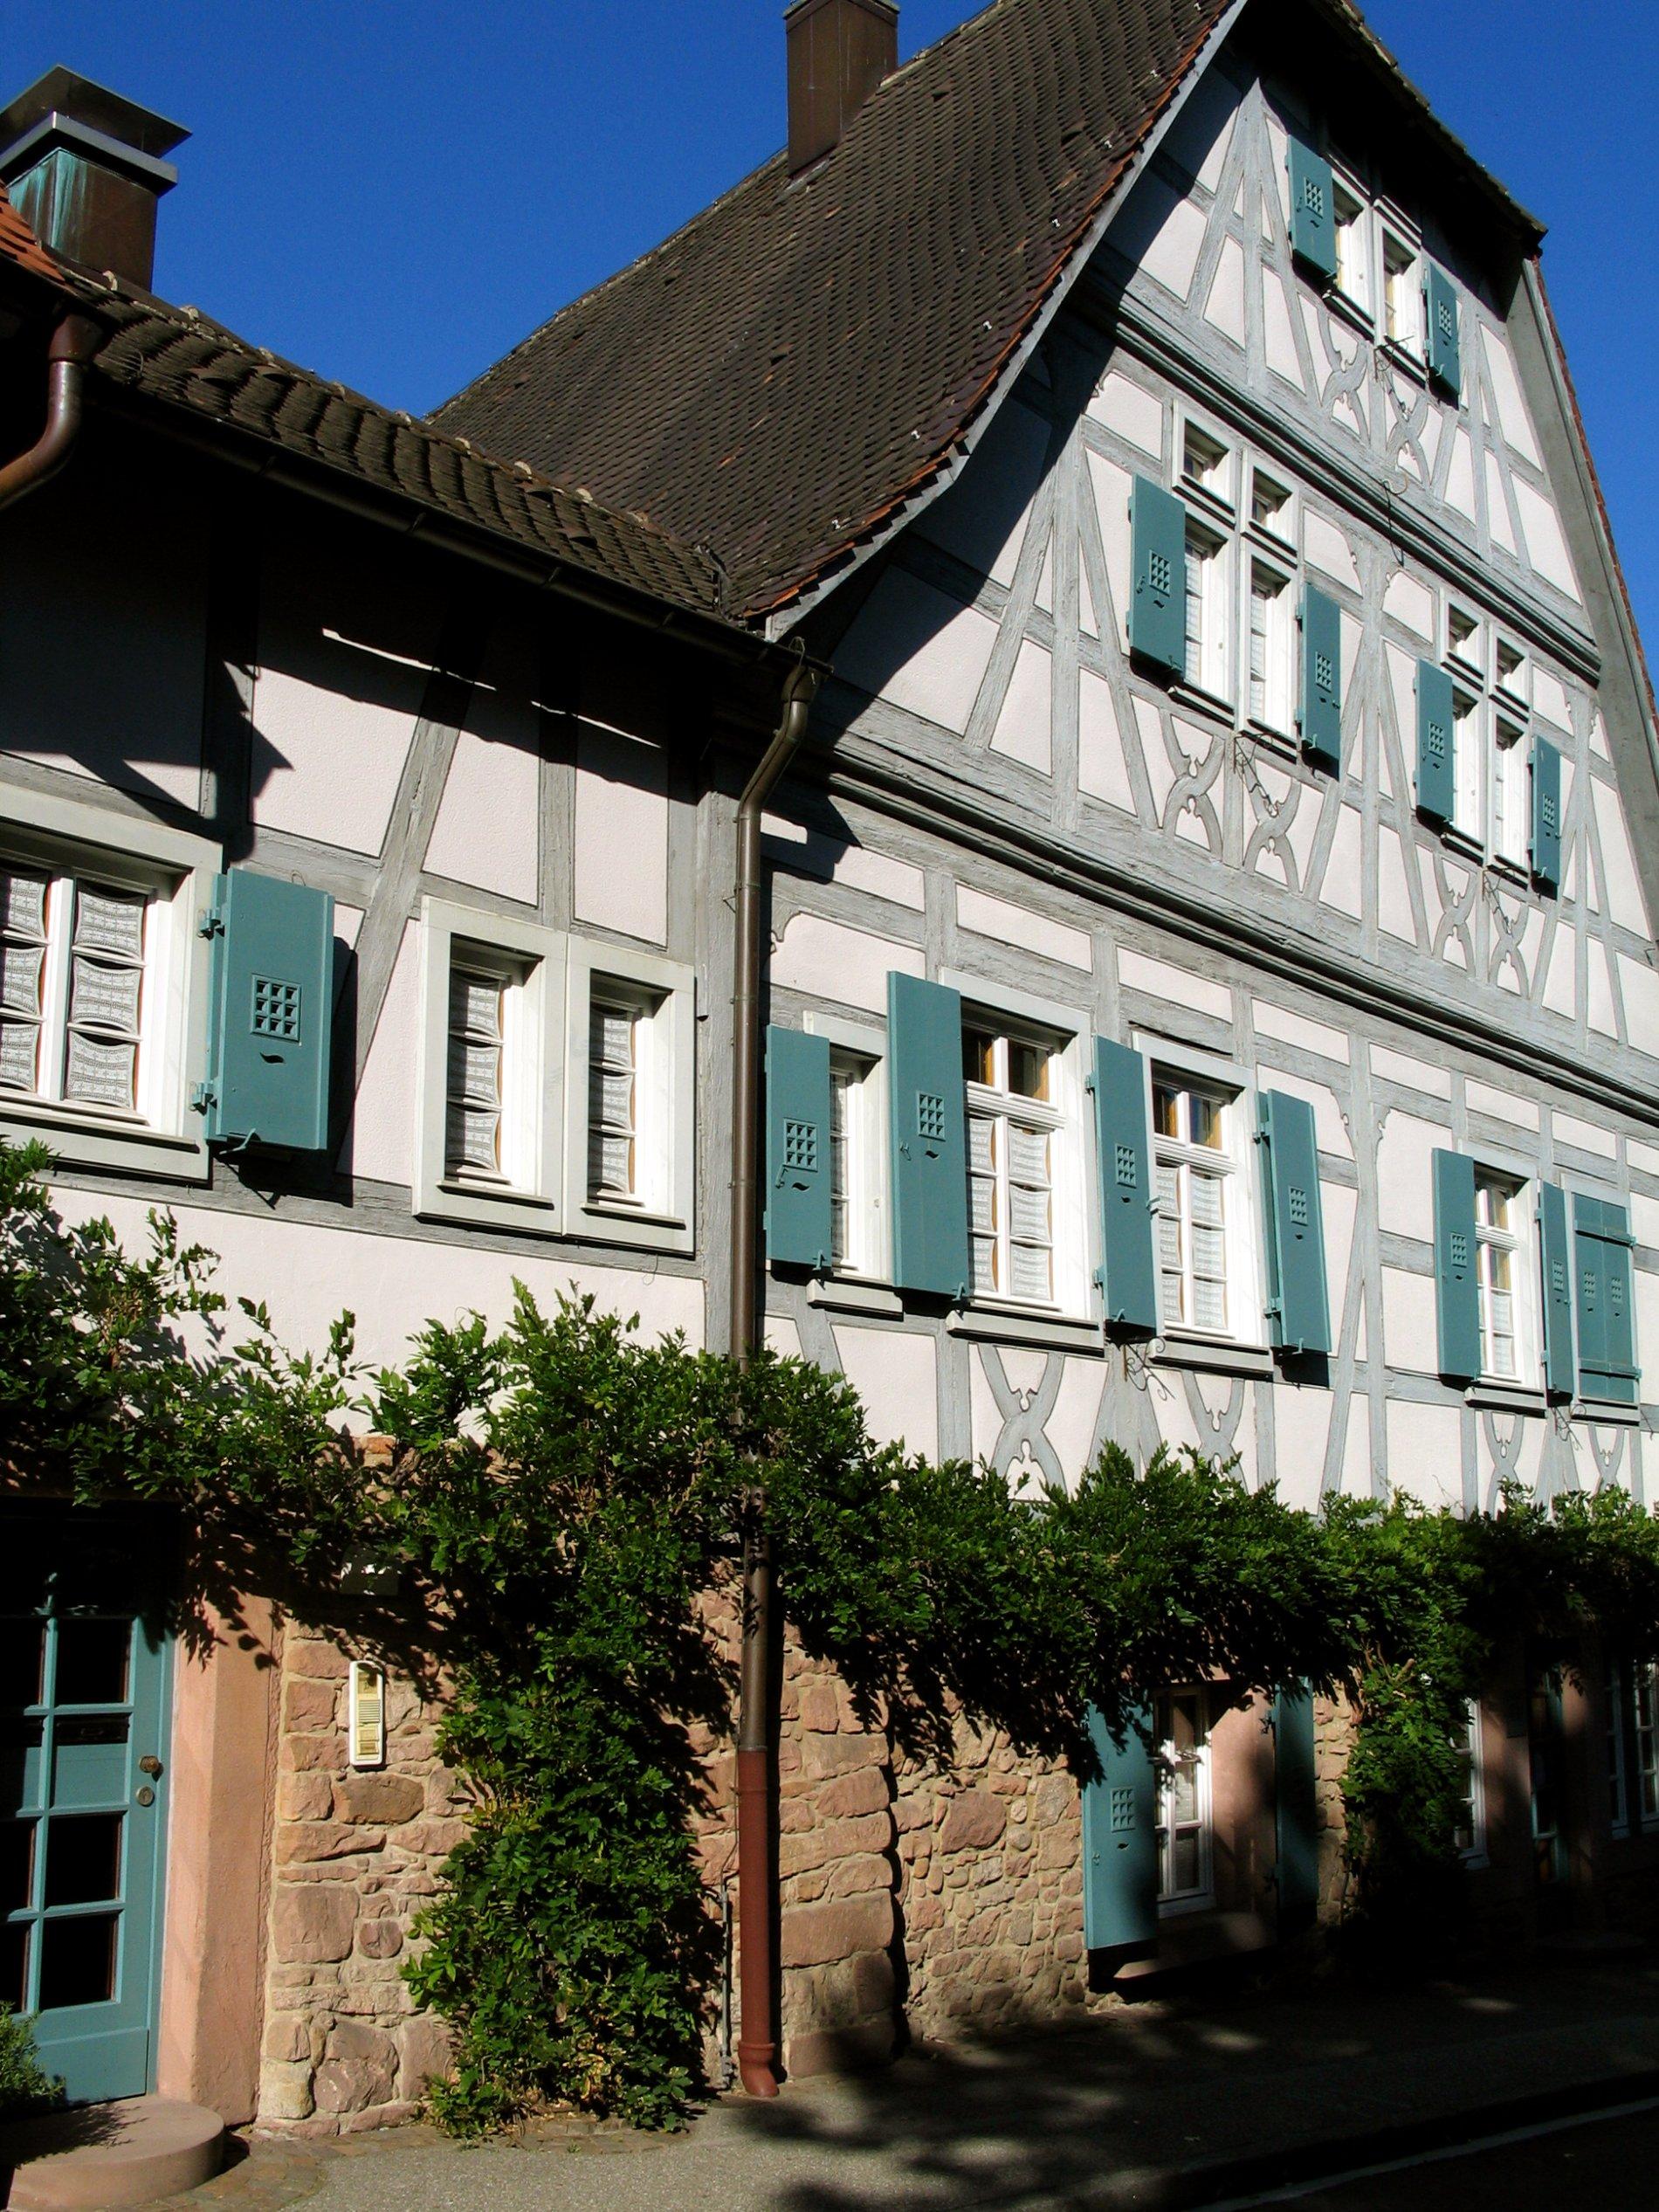 Alter Amtshof in Gernsbach im Murgtal